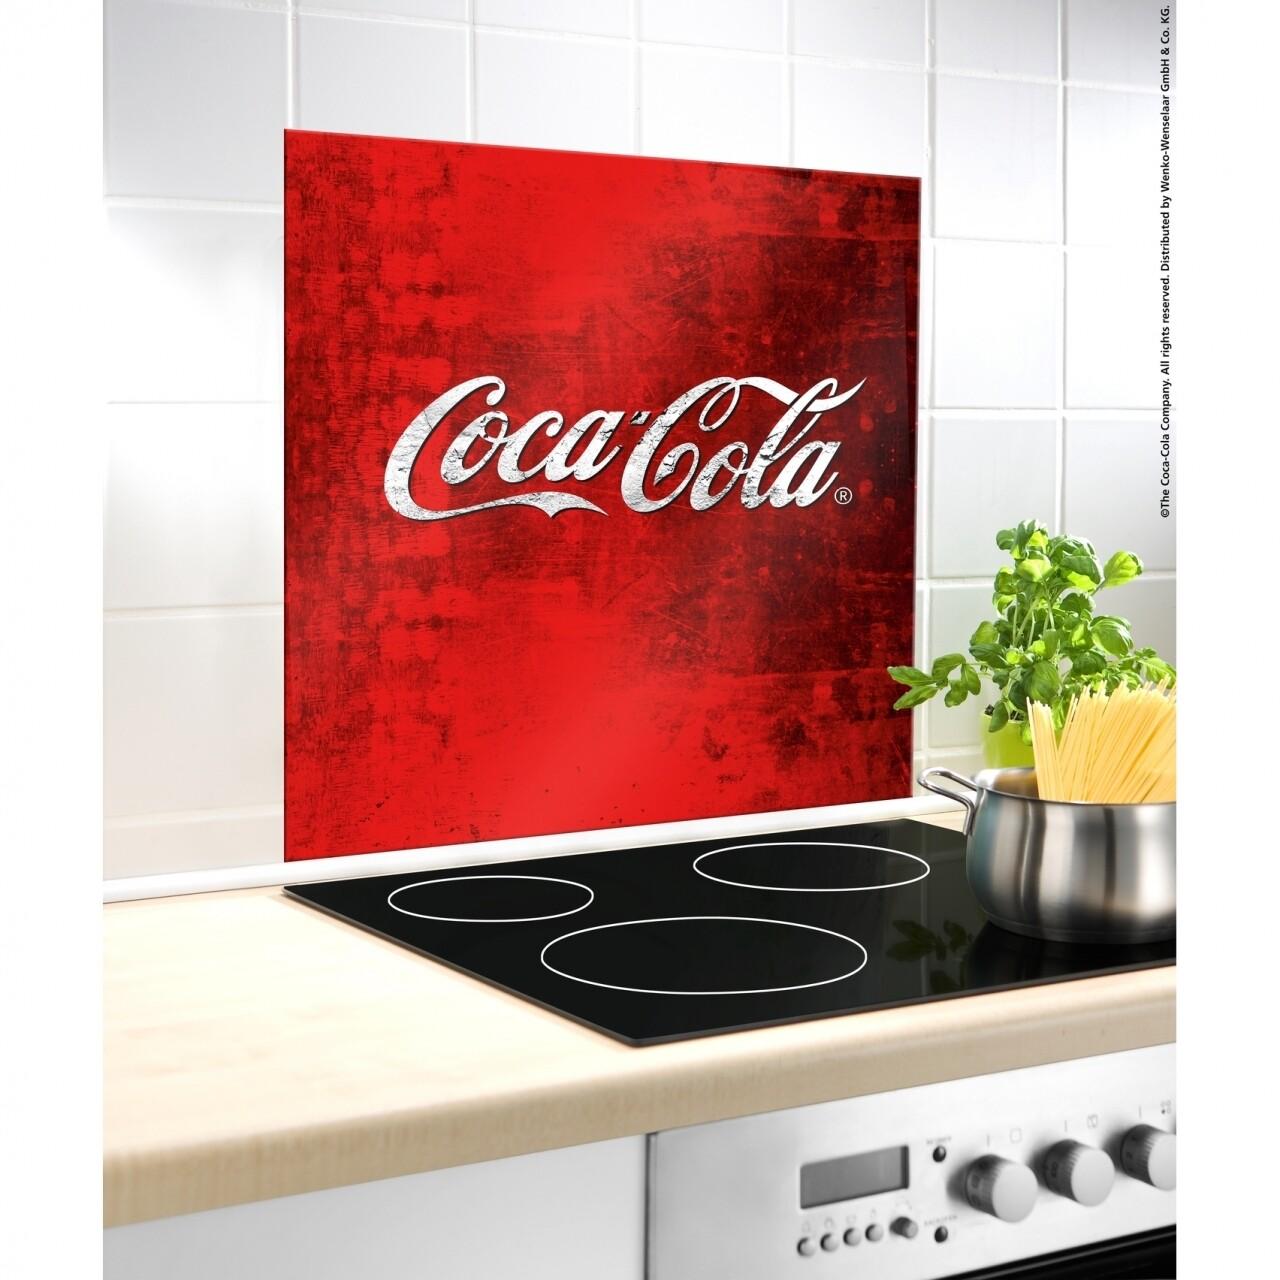 Protectie perete bucatarie Coca-Cola Classic, Wenko, 60 x 70 cm, sticla termorezistenta, rosu